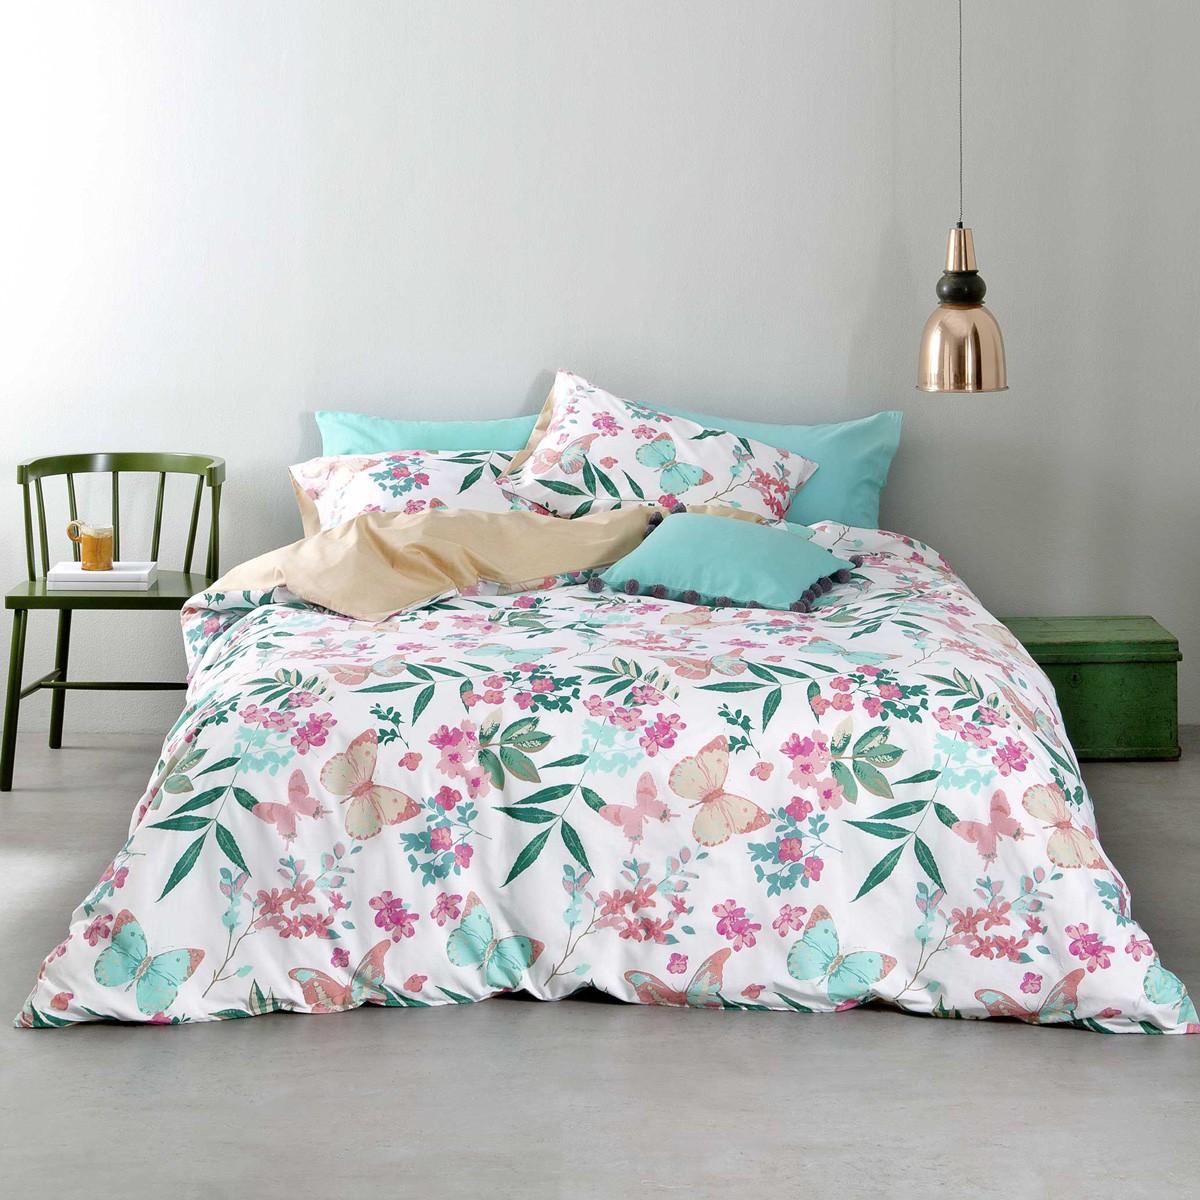 Σεντόνια Μονά (Σετ) Nima Bed Linen Tahiti Pink ΜΕ ΛΑΣΤΙΧΟ 100×200+30 ΜΕ ΛΑΣΤΙΧΟ 100×200+30